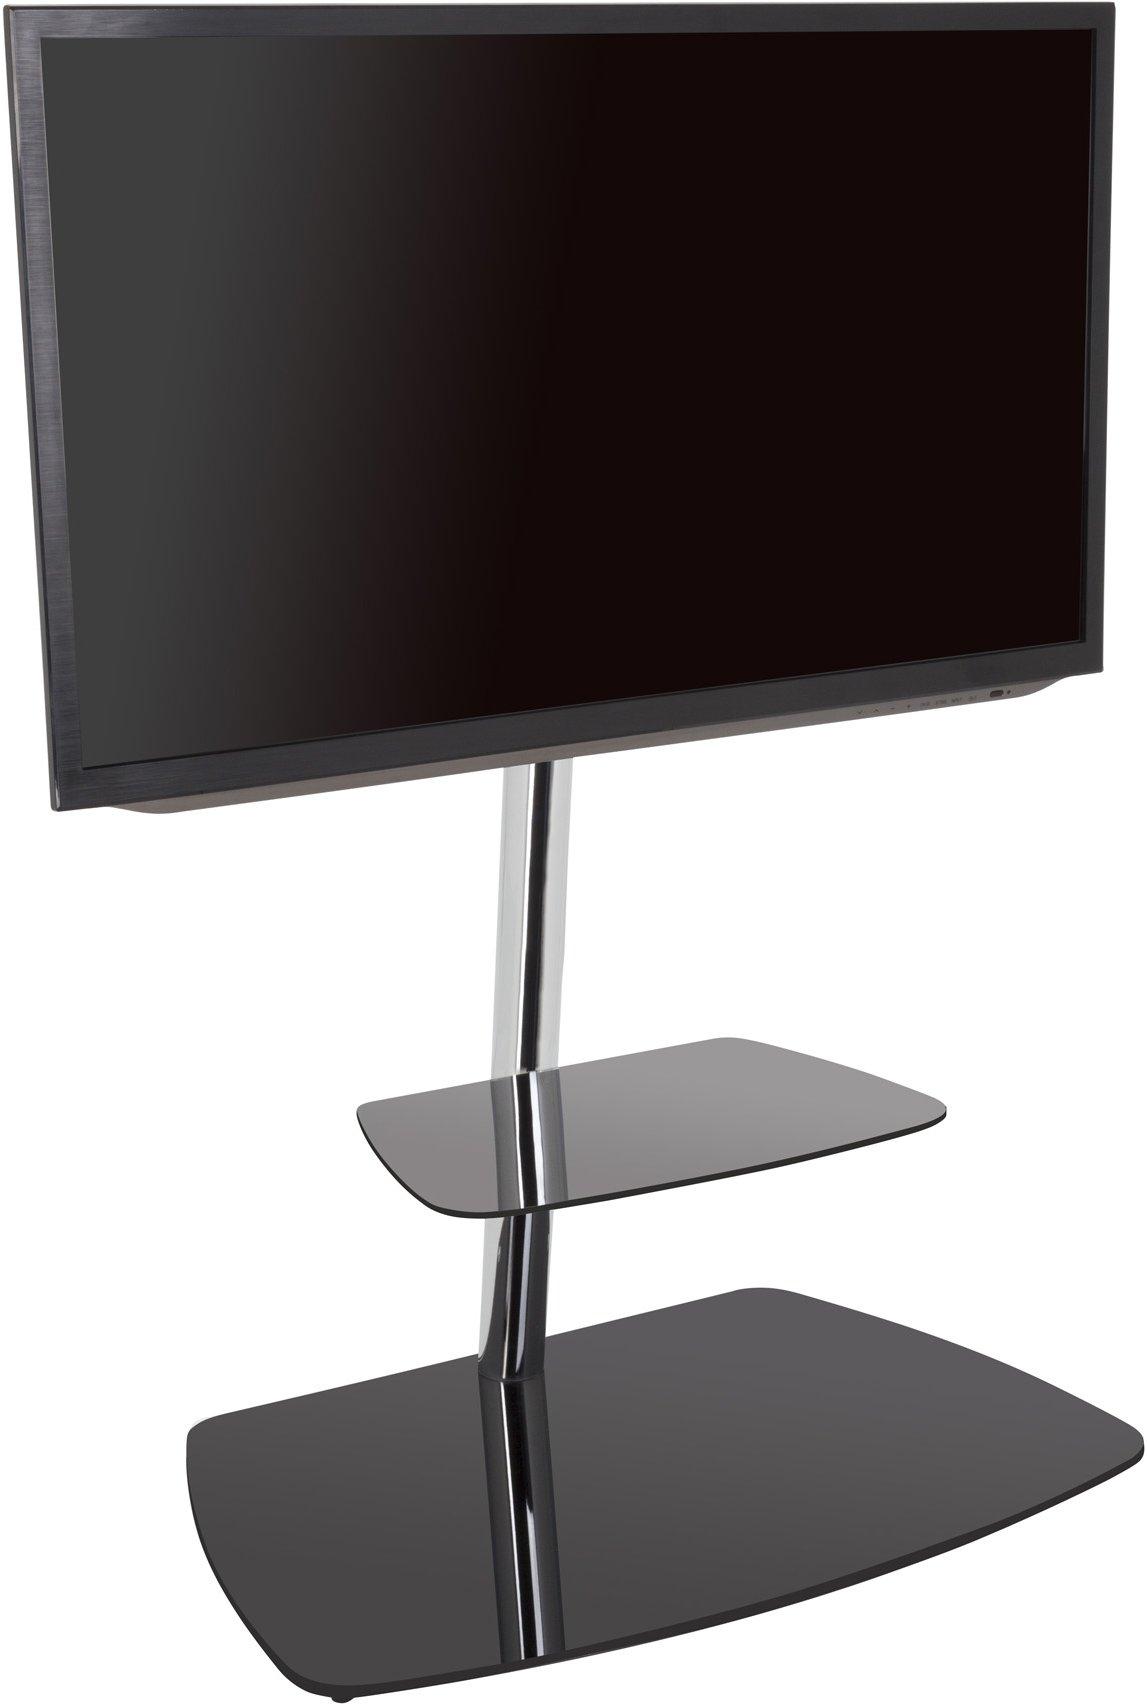 Avf Fsl800isbb Tv Stands